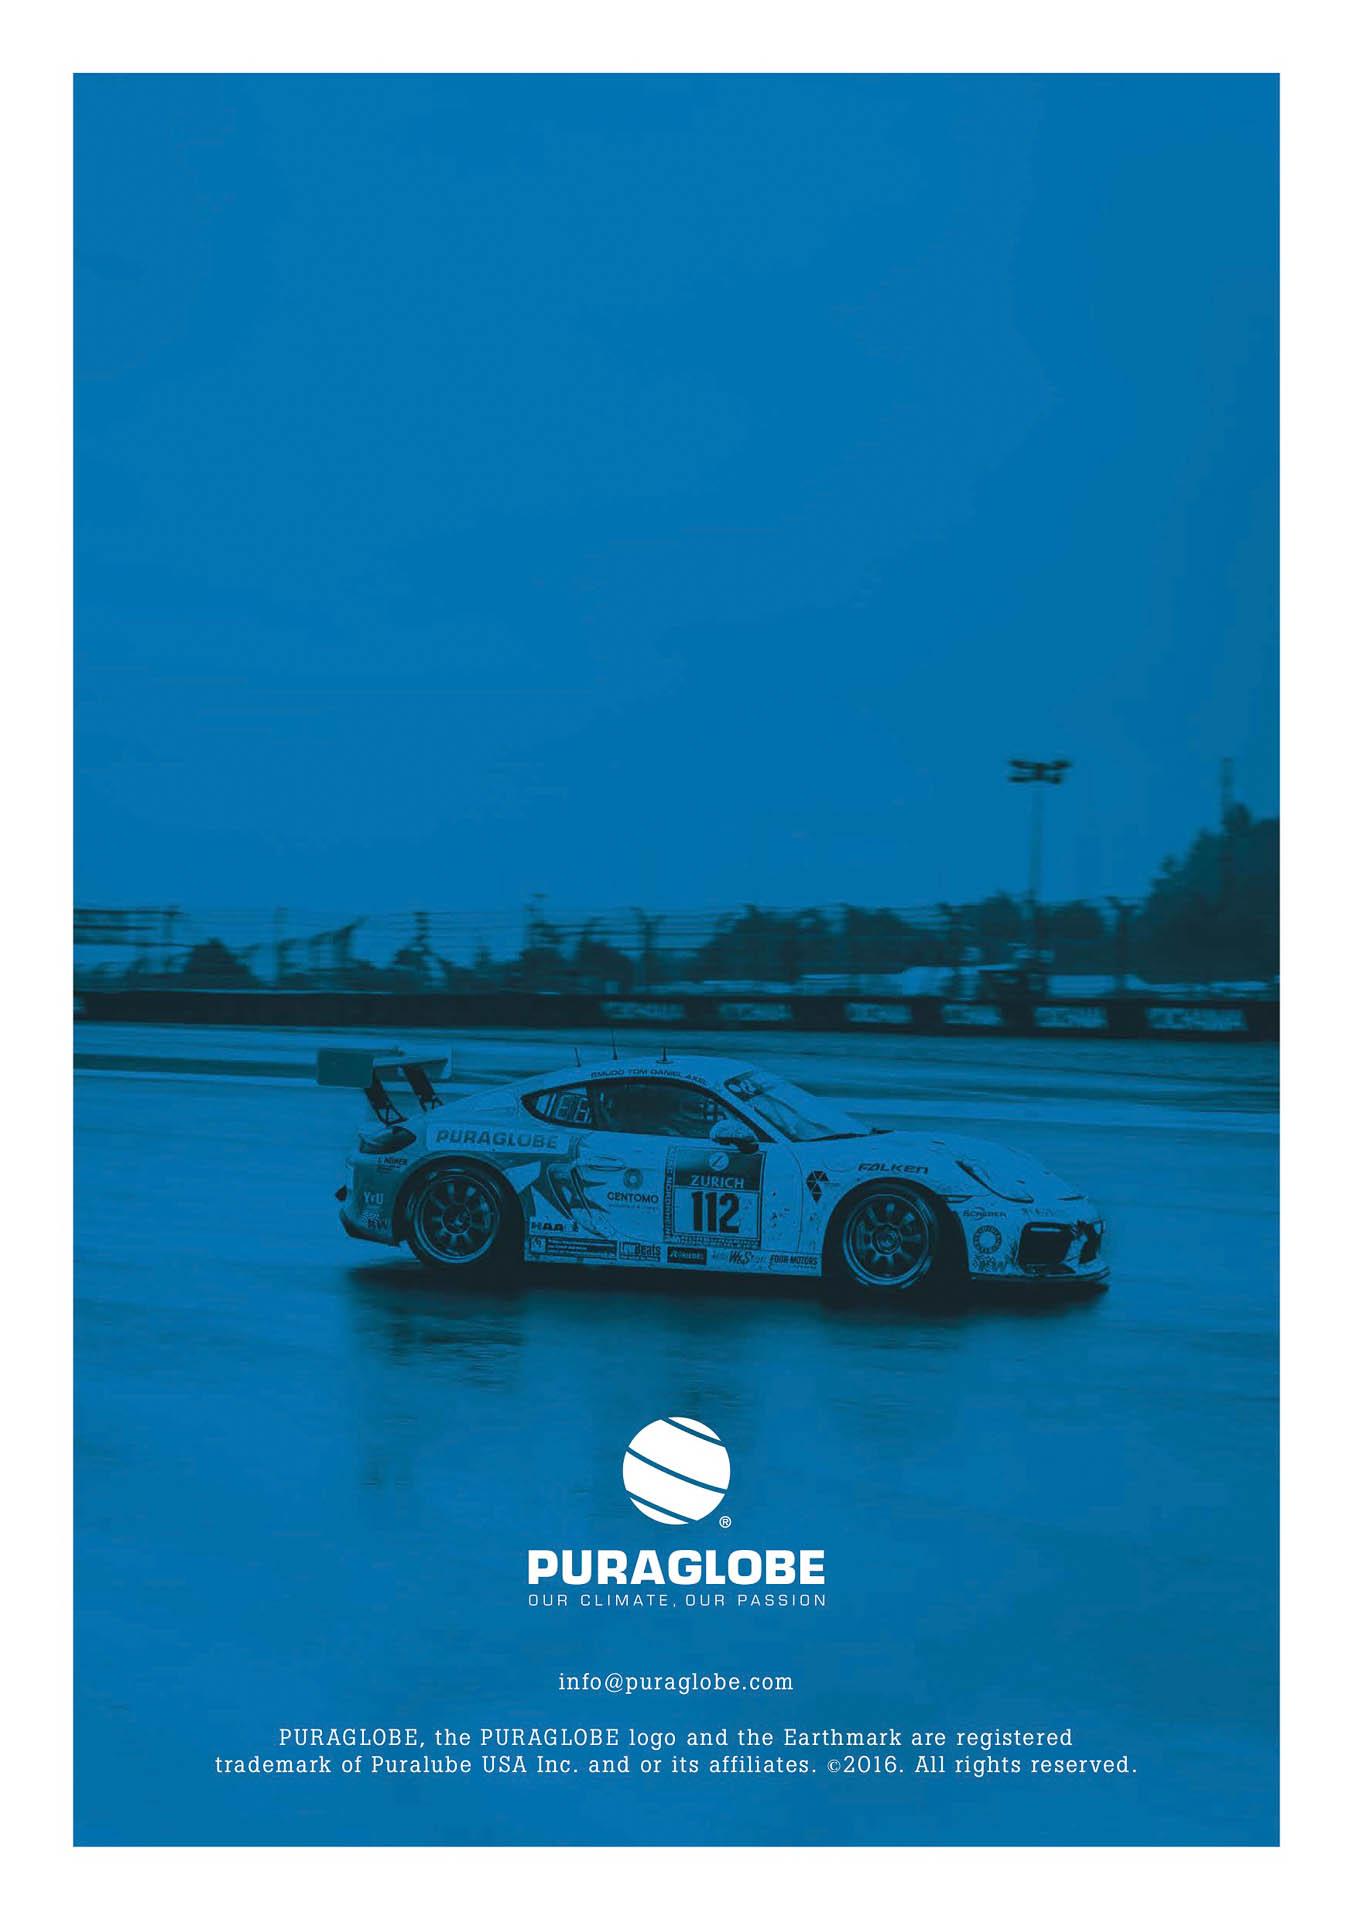 BECKER-CREATIVE-PURAGLOBE-bcckcr-brochure_006.jpg